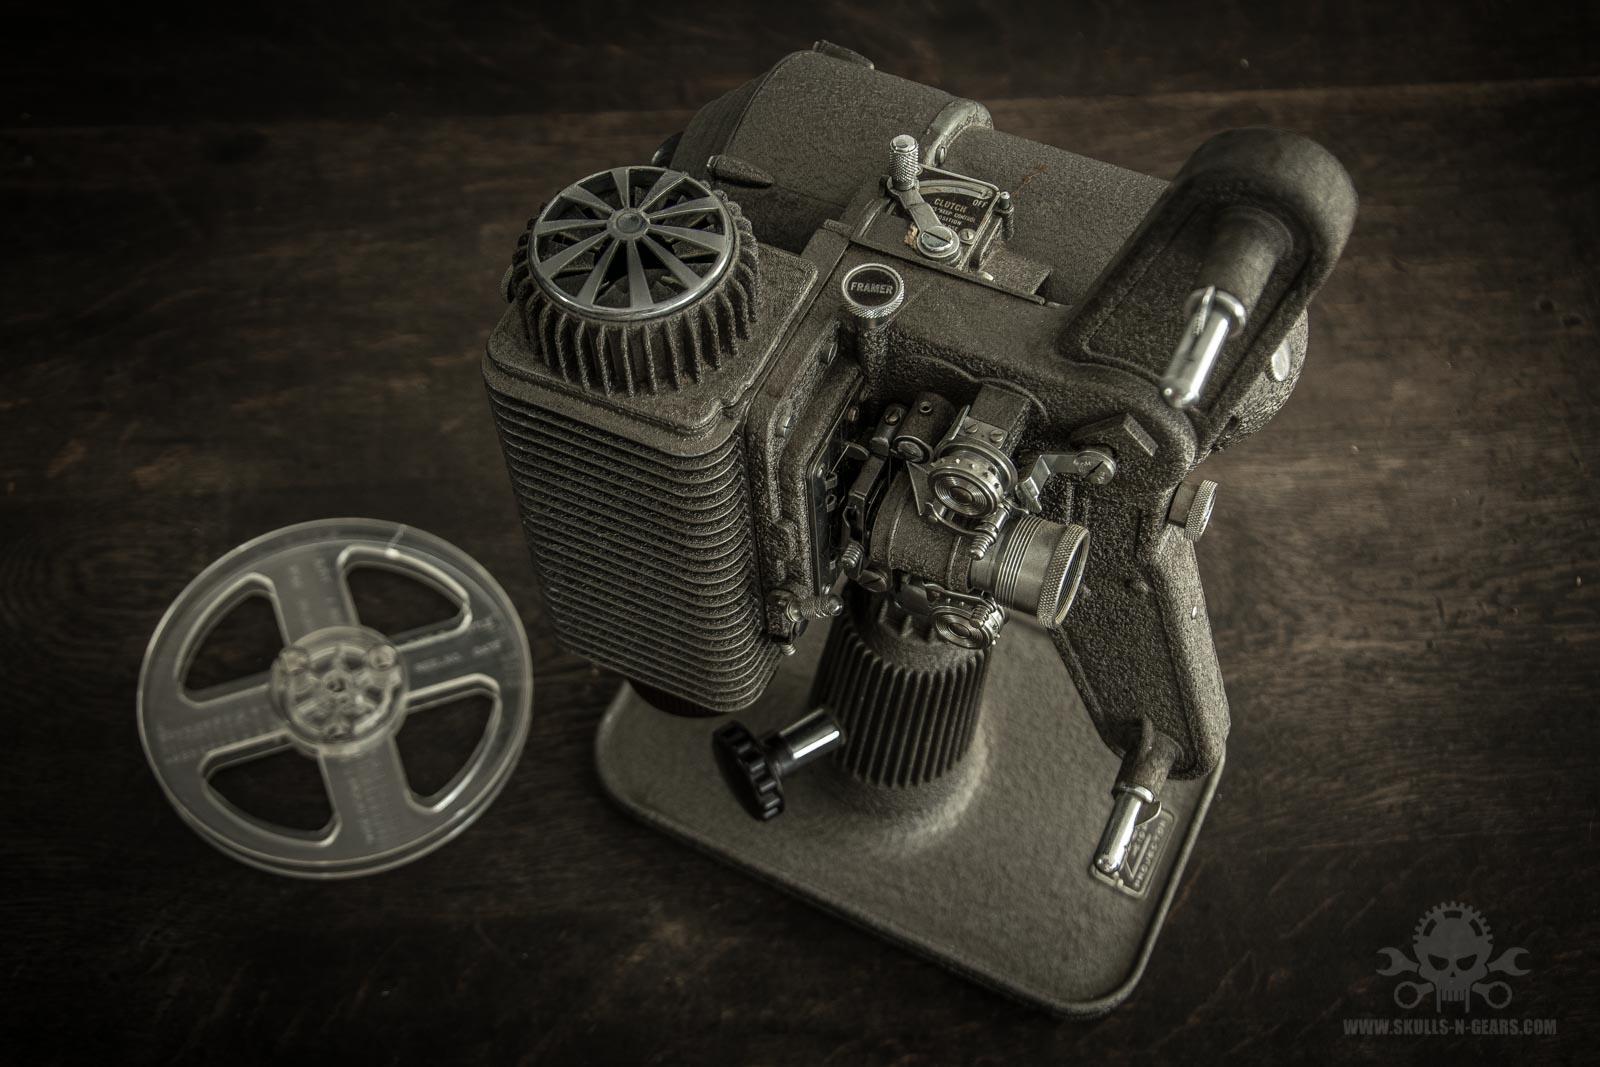 Filmkamera US SP0010108 (5 von 6)